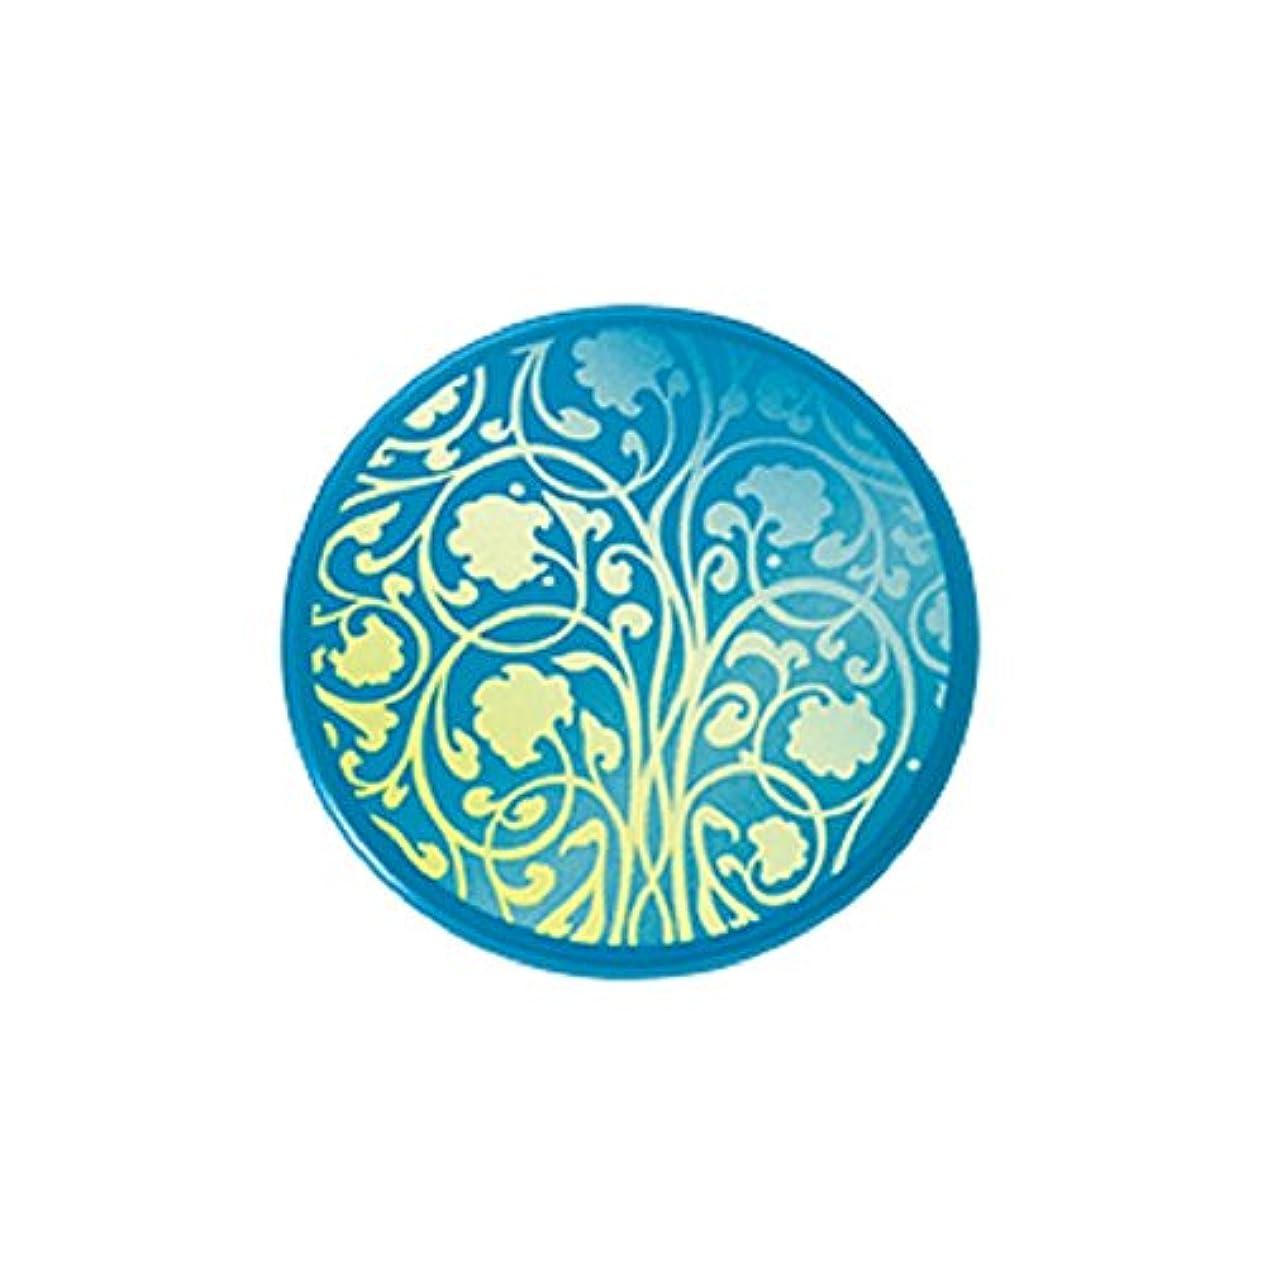 ライバル反応する排泄するアユーラ (AYURA) ウェルフィット アロマバーム 14g 〈ソリッドパヒューム〉 心地よい森林の香気